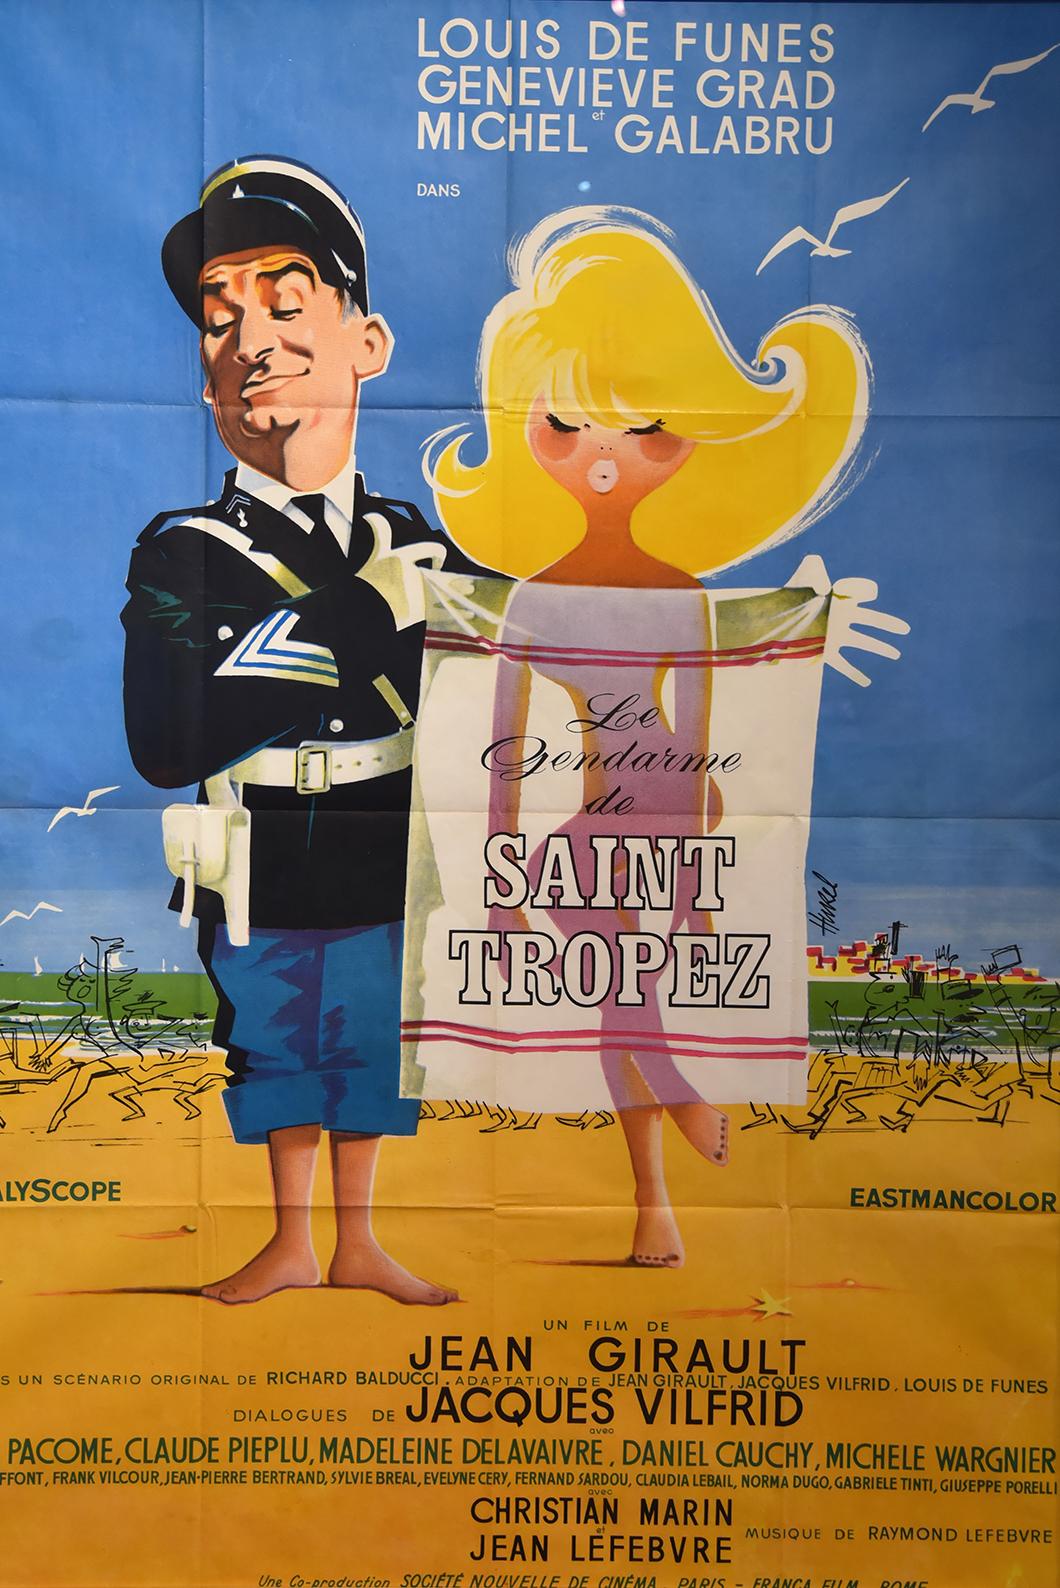 Musée de lagendarmerie et du cinéma - Saint Tropez